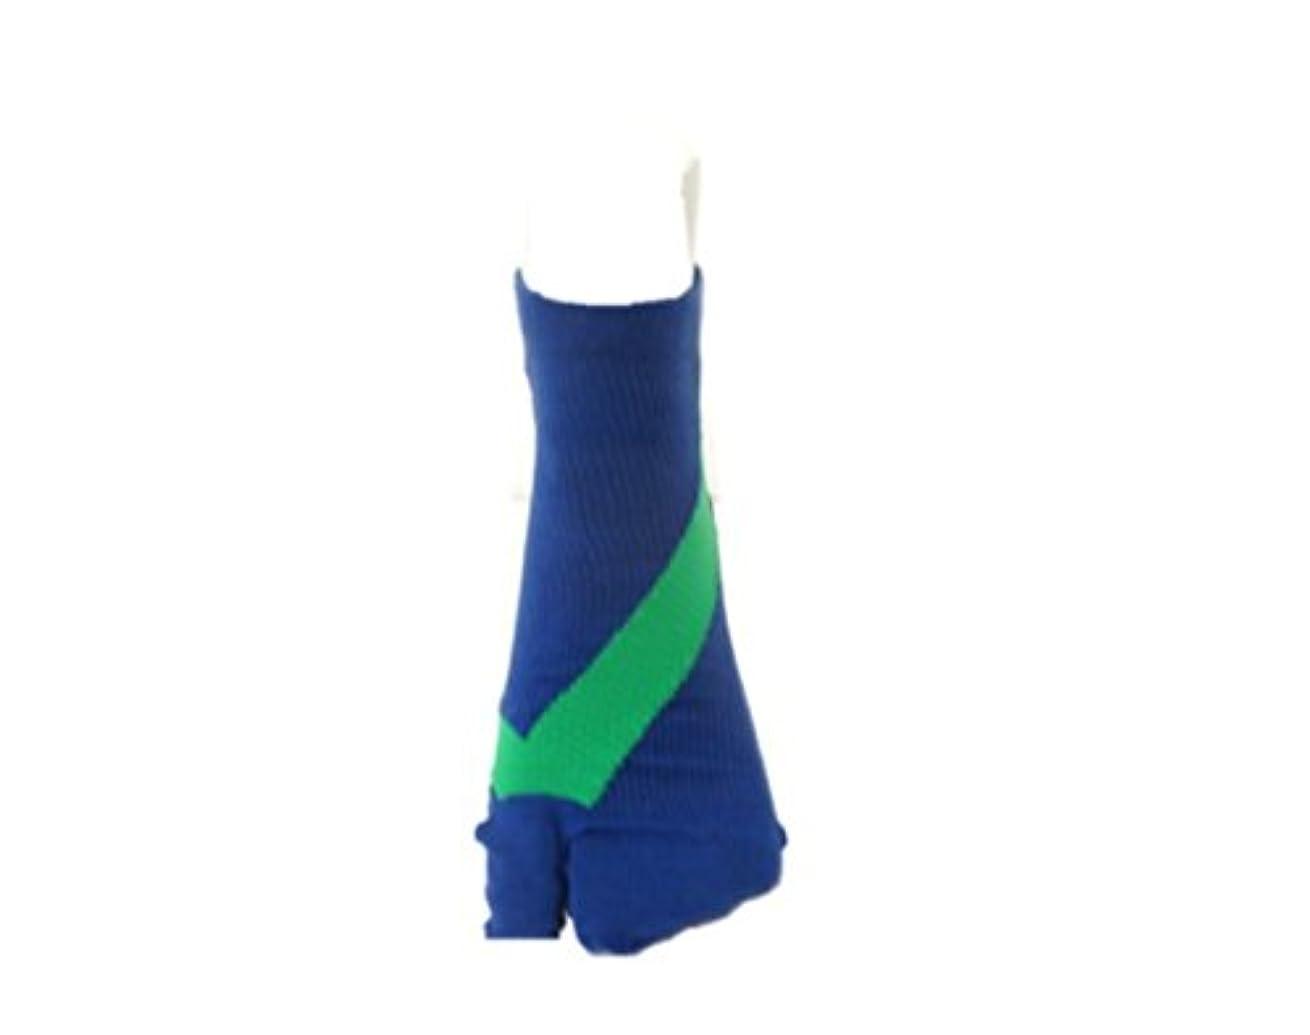 カスケードマニフェスト代理人さとう式 フレクサーソックス アンクル 紺緑 (L) 足袋型